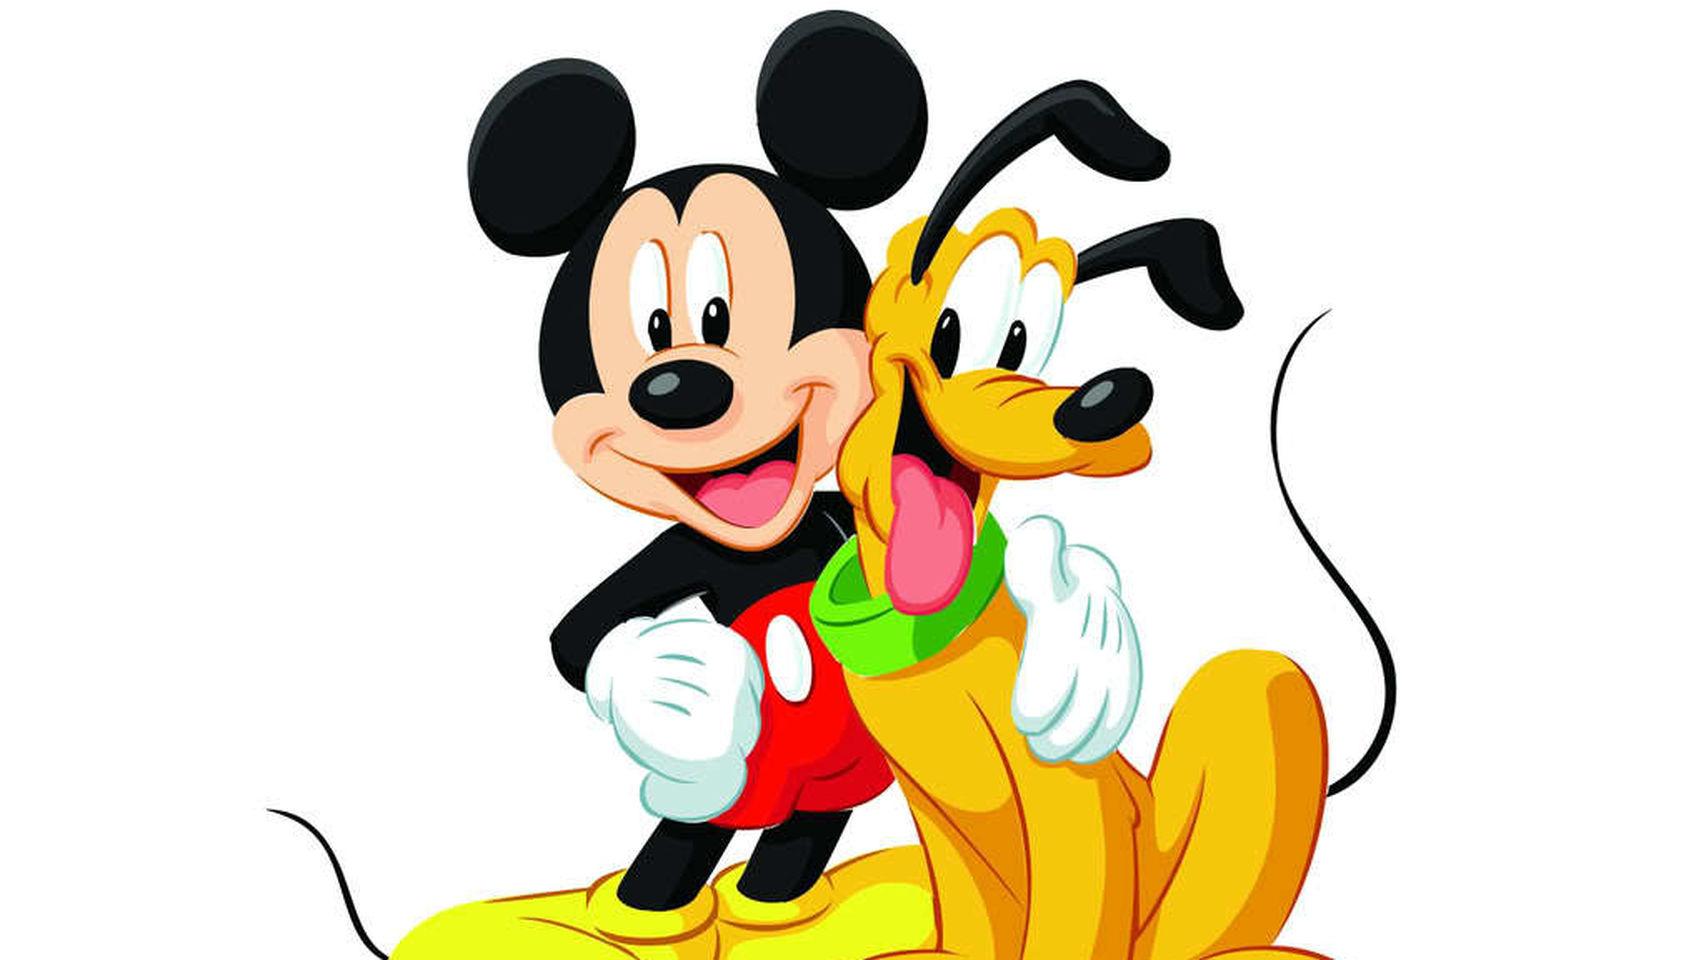 mickey mouse cumple 90 años: 15 cosas que no sabías del ratón más